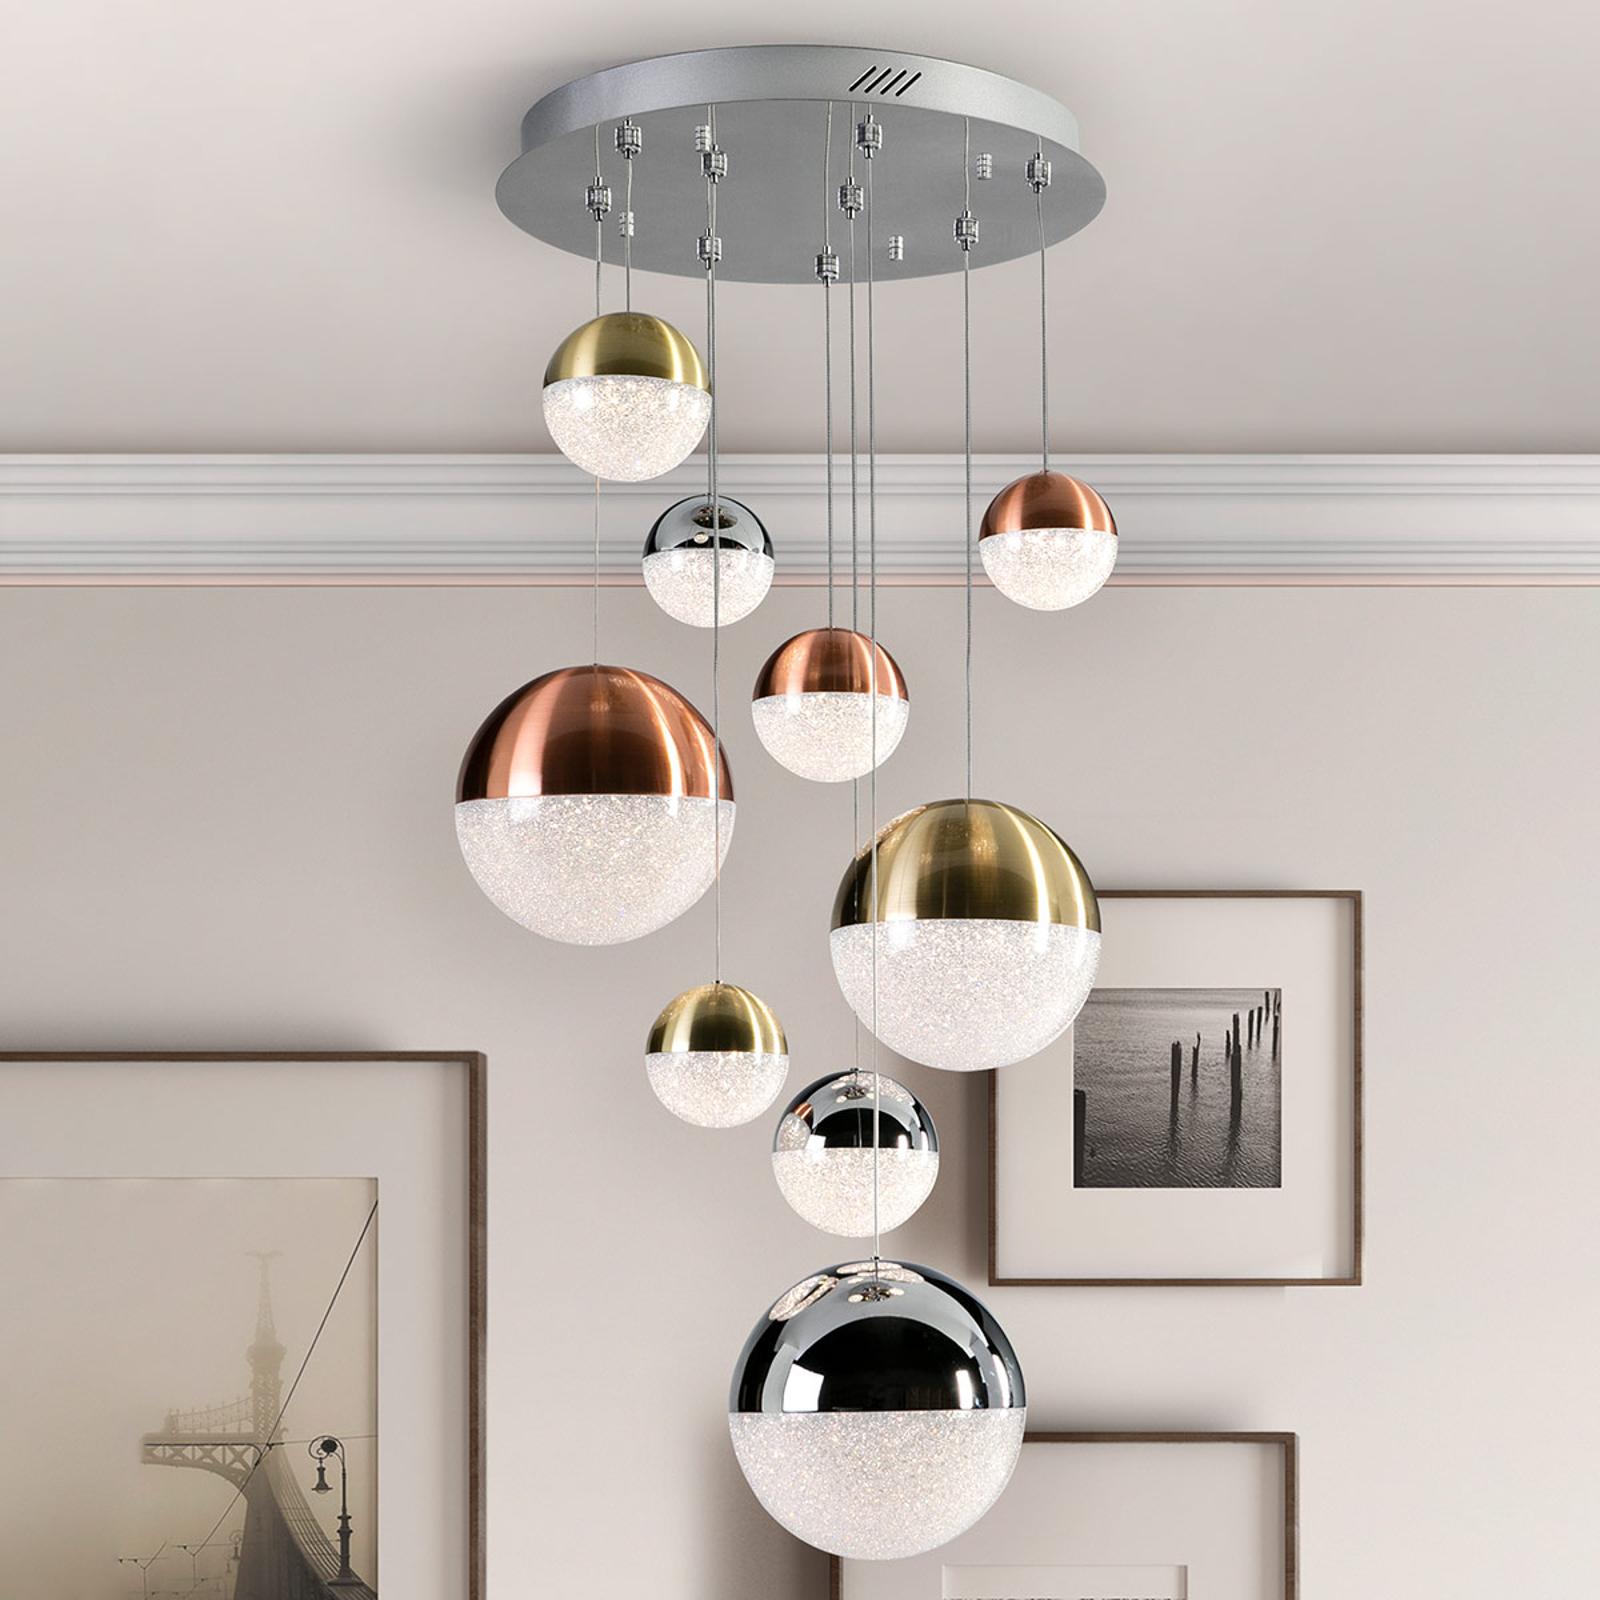 Sphere LED-hengelampe, flerfarget, 9 lyskilder